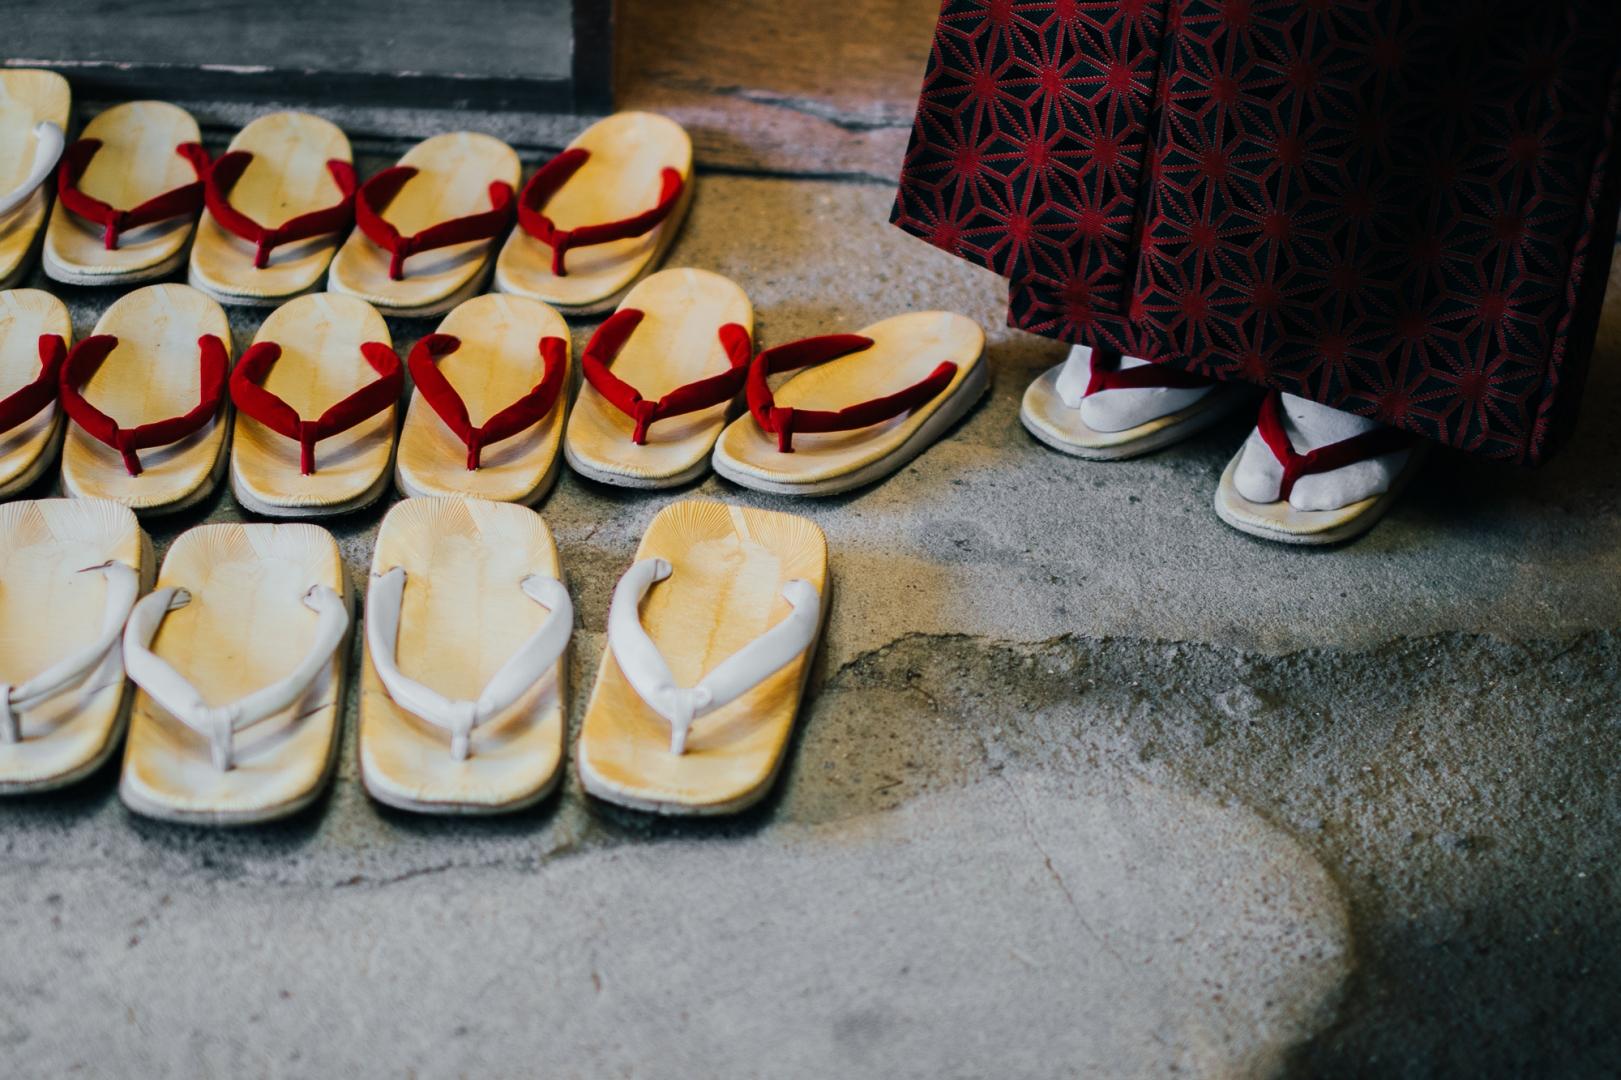 Гейша в деревянных сандалиях (гэта)